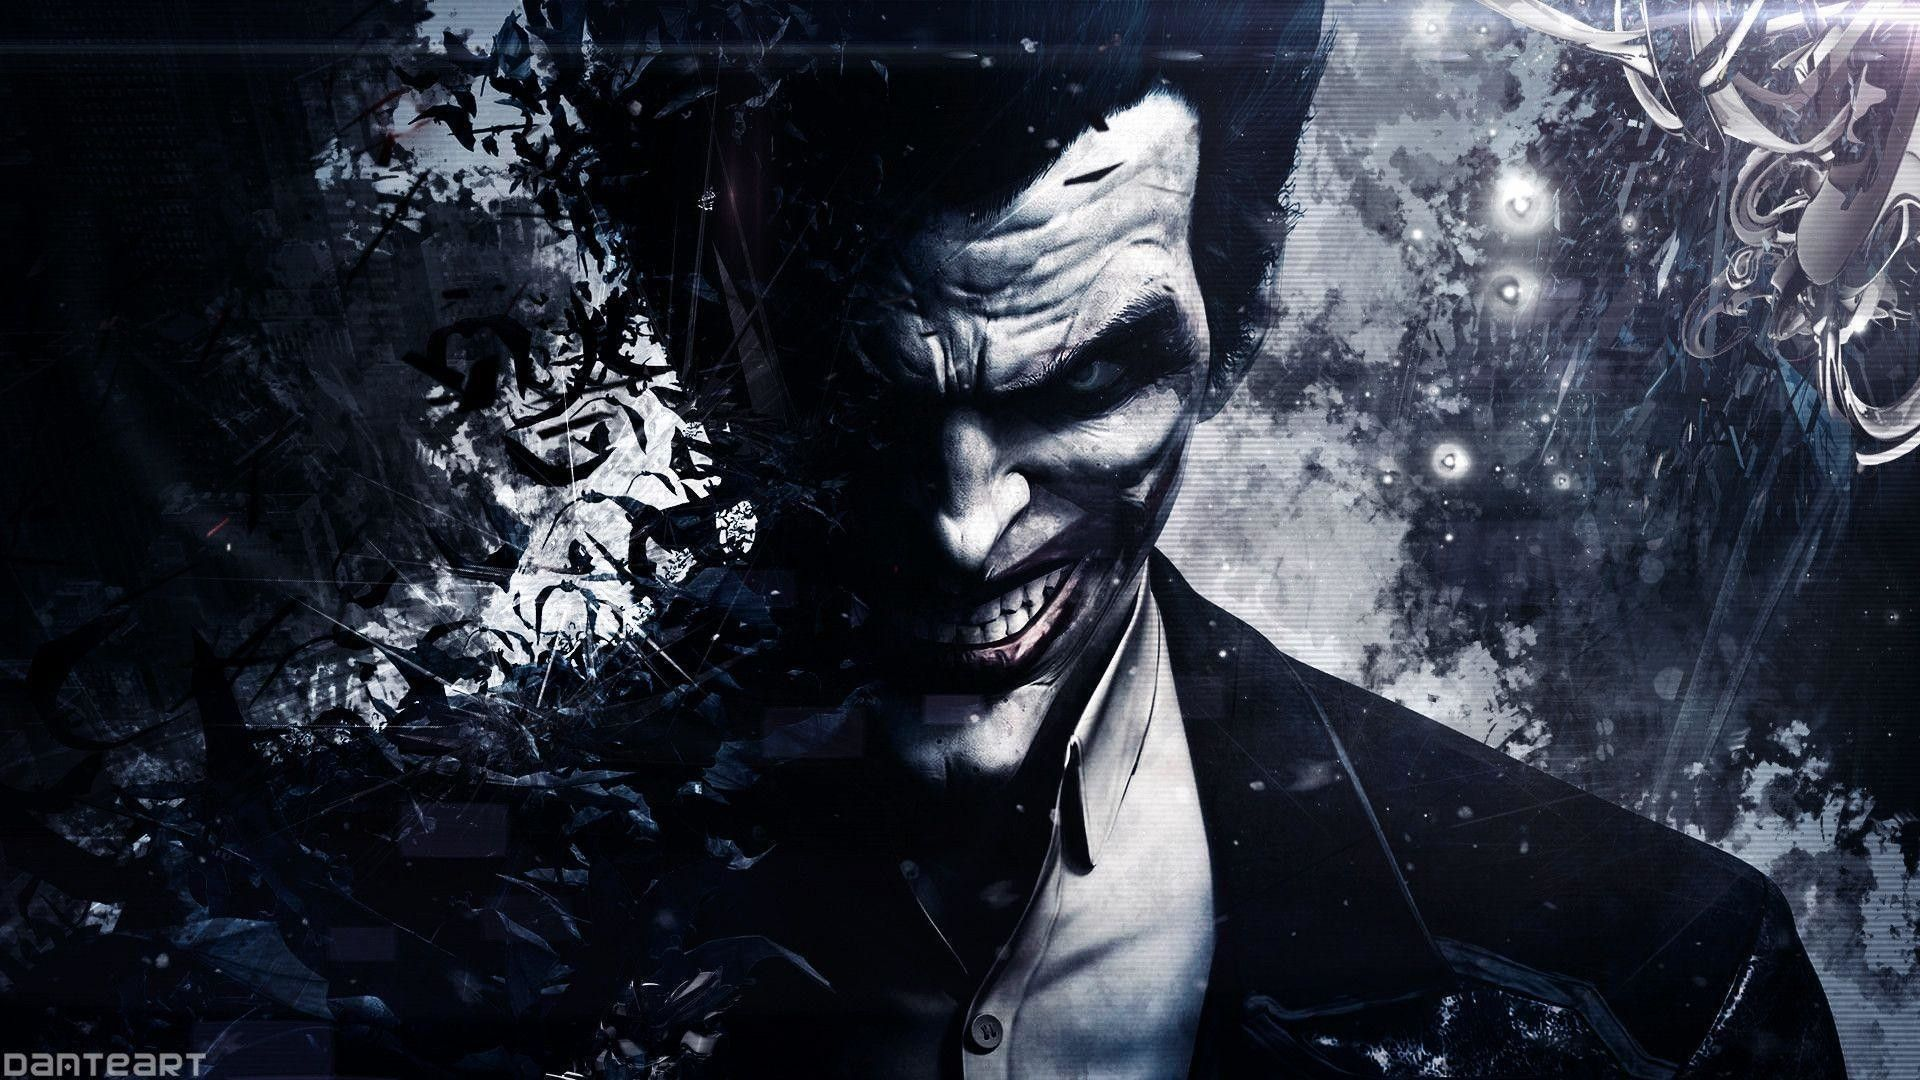 Joker 1920x1080 Wallpapers Top Free Joker 1920x1080 Backgrounds Wallpaperaccess